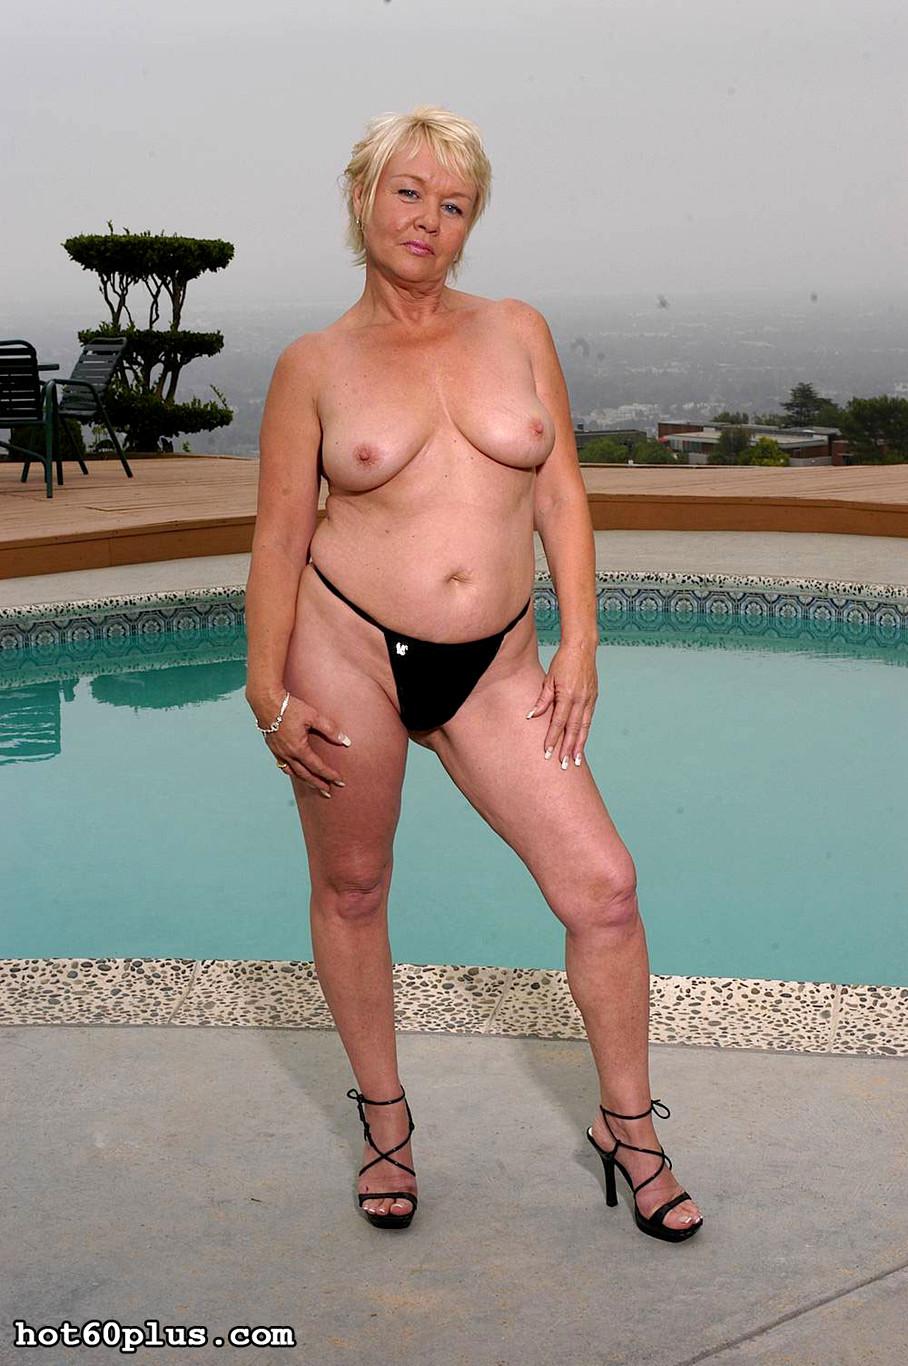 Mature women 60 plus